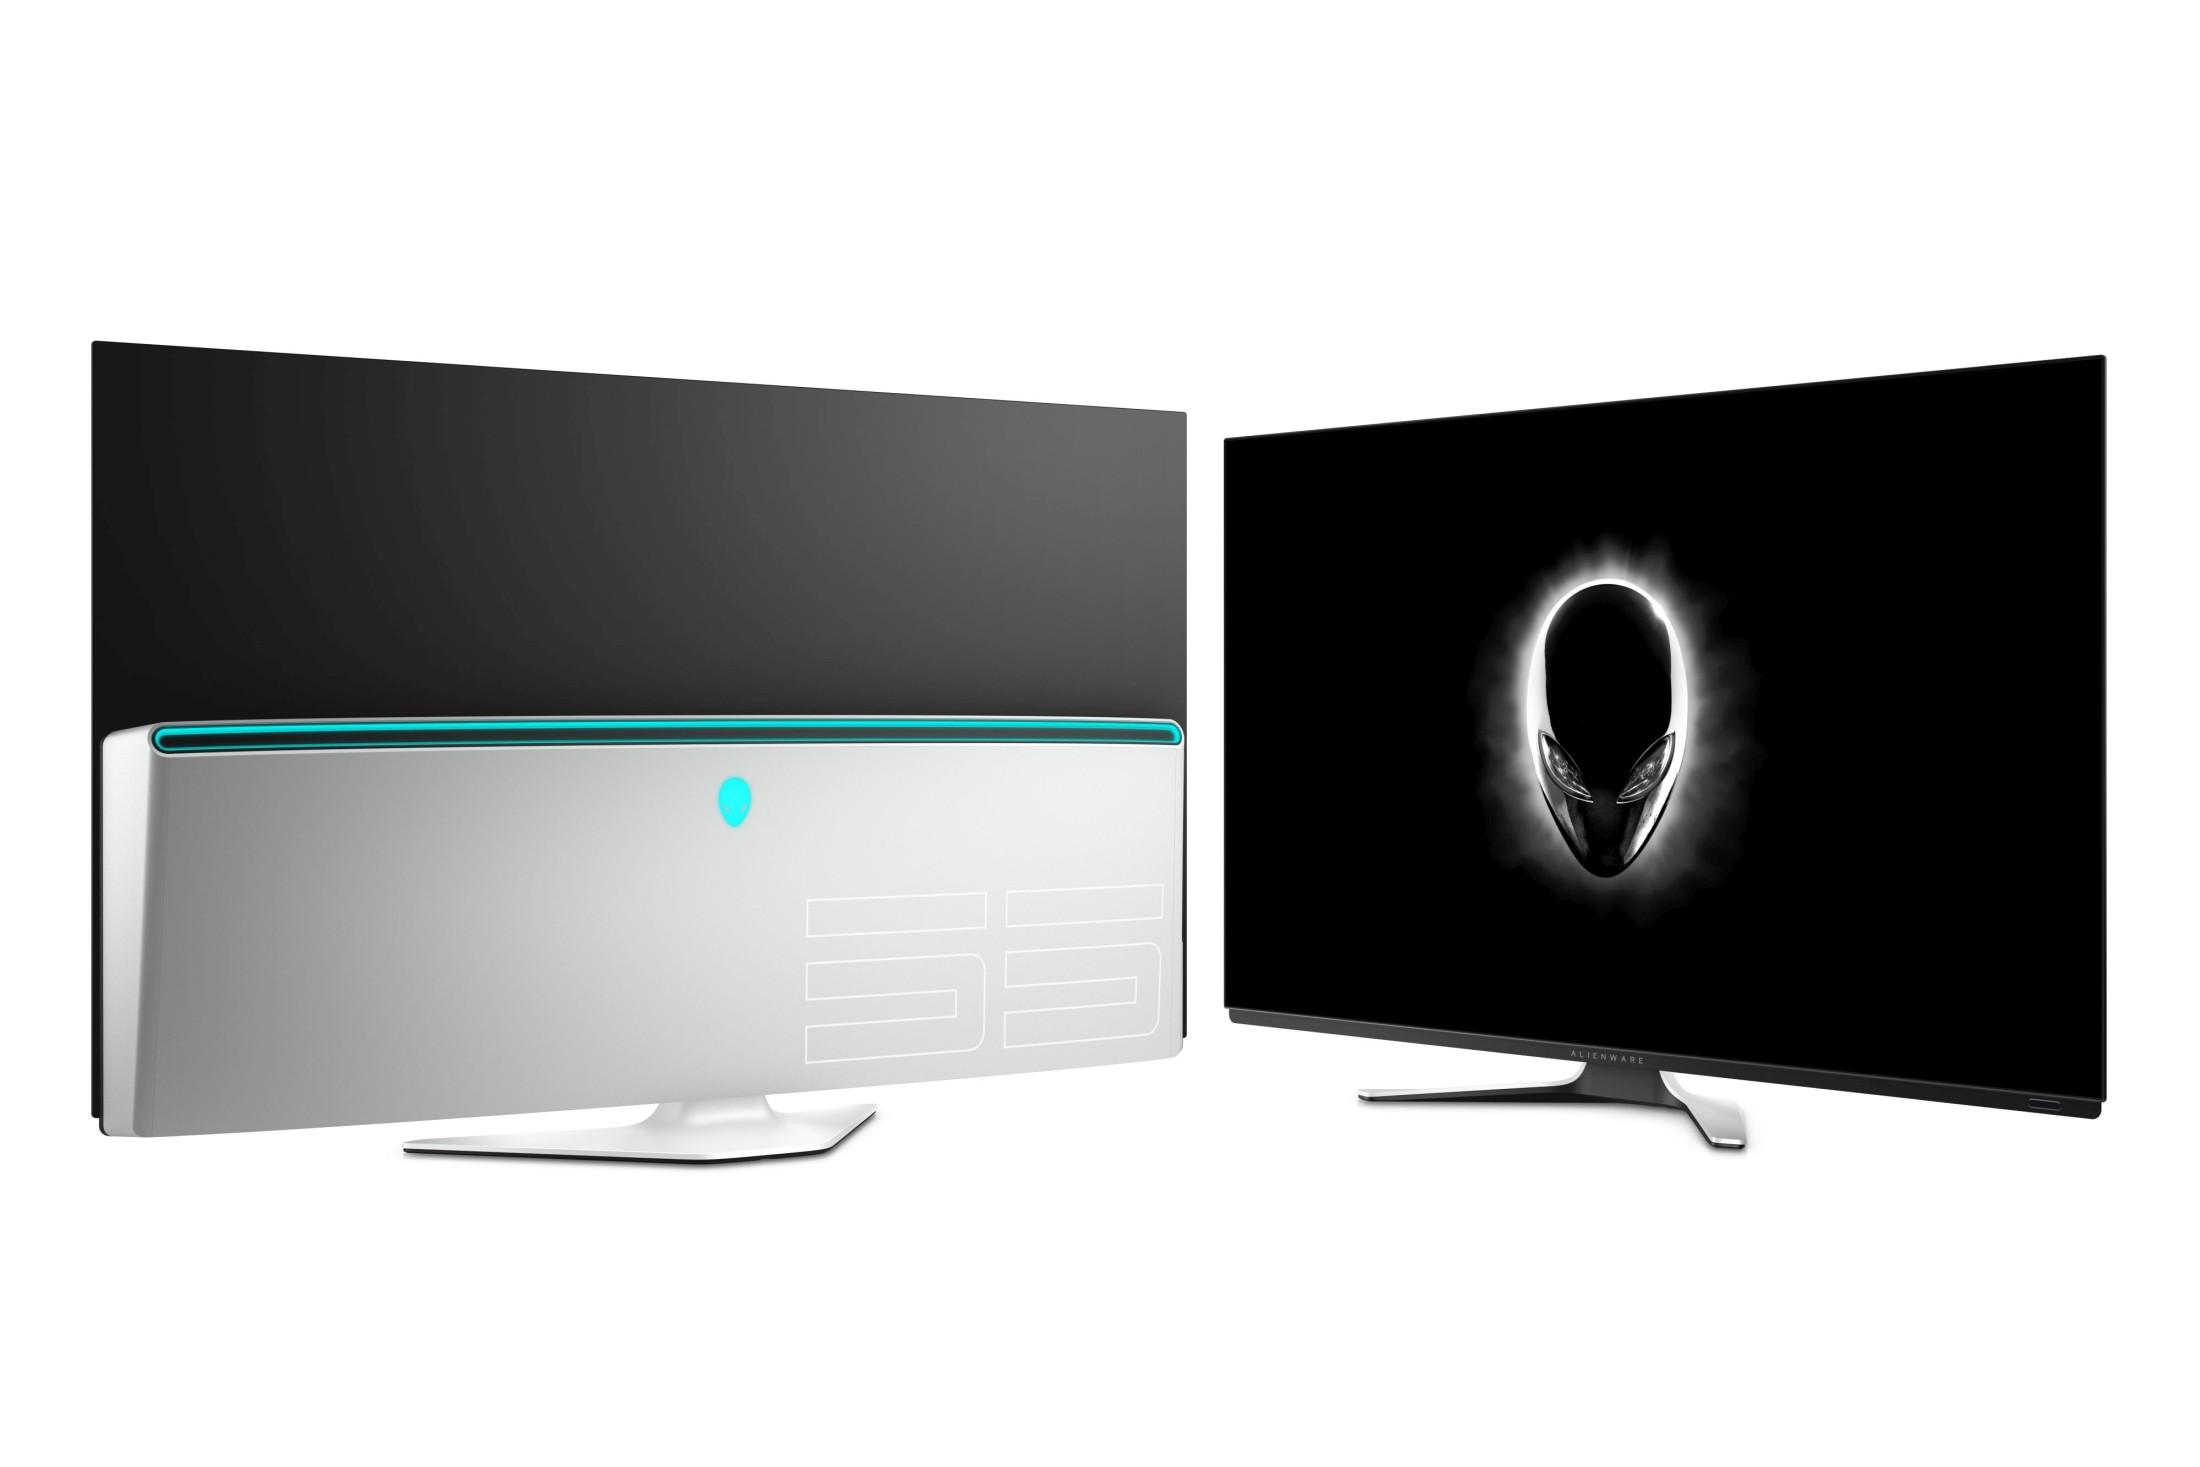 Alienware présente son moniteur Alienware 55 OLED : trop grand pour jouer sur PC ?